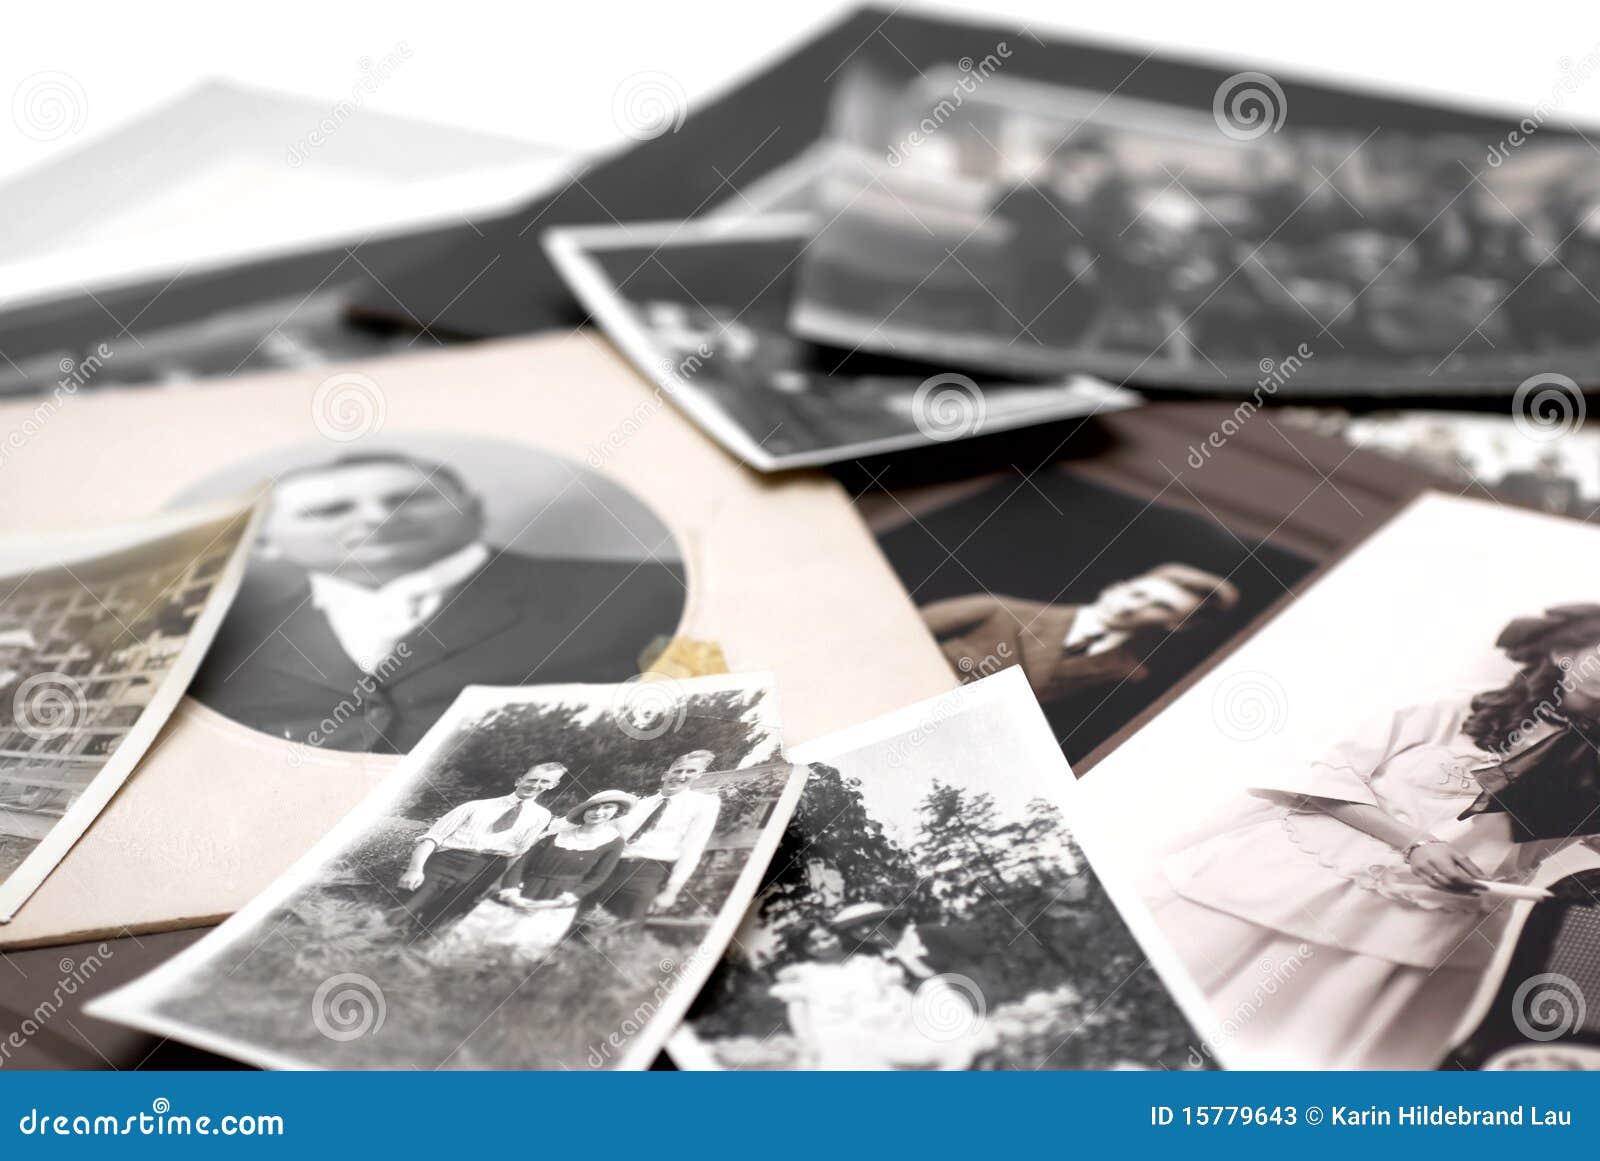 Familjfotografier